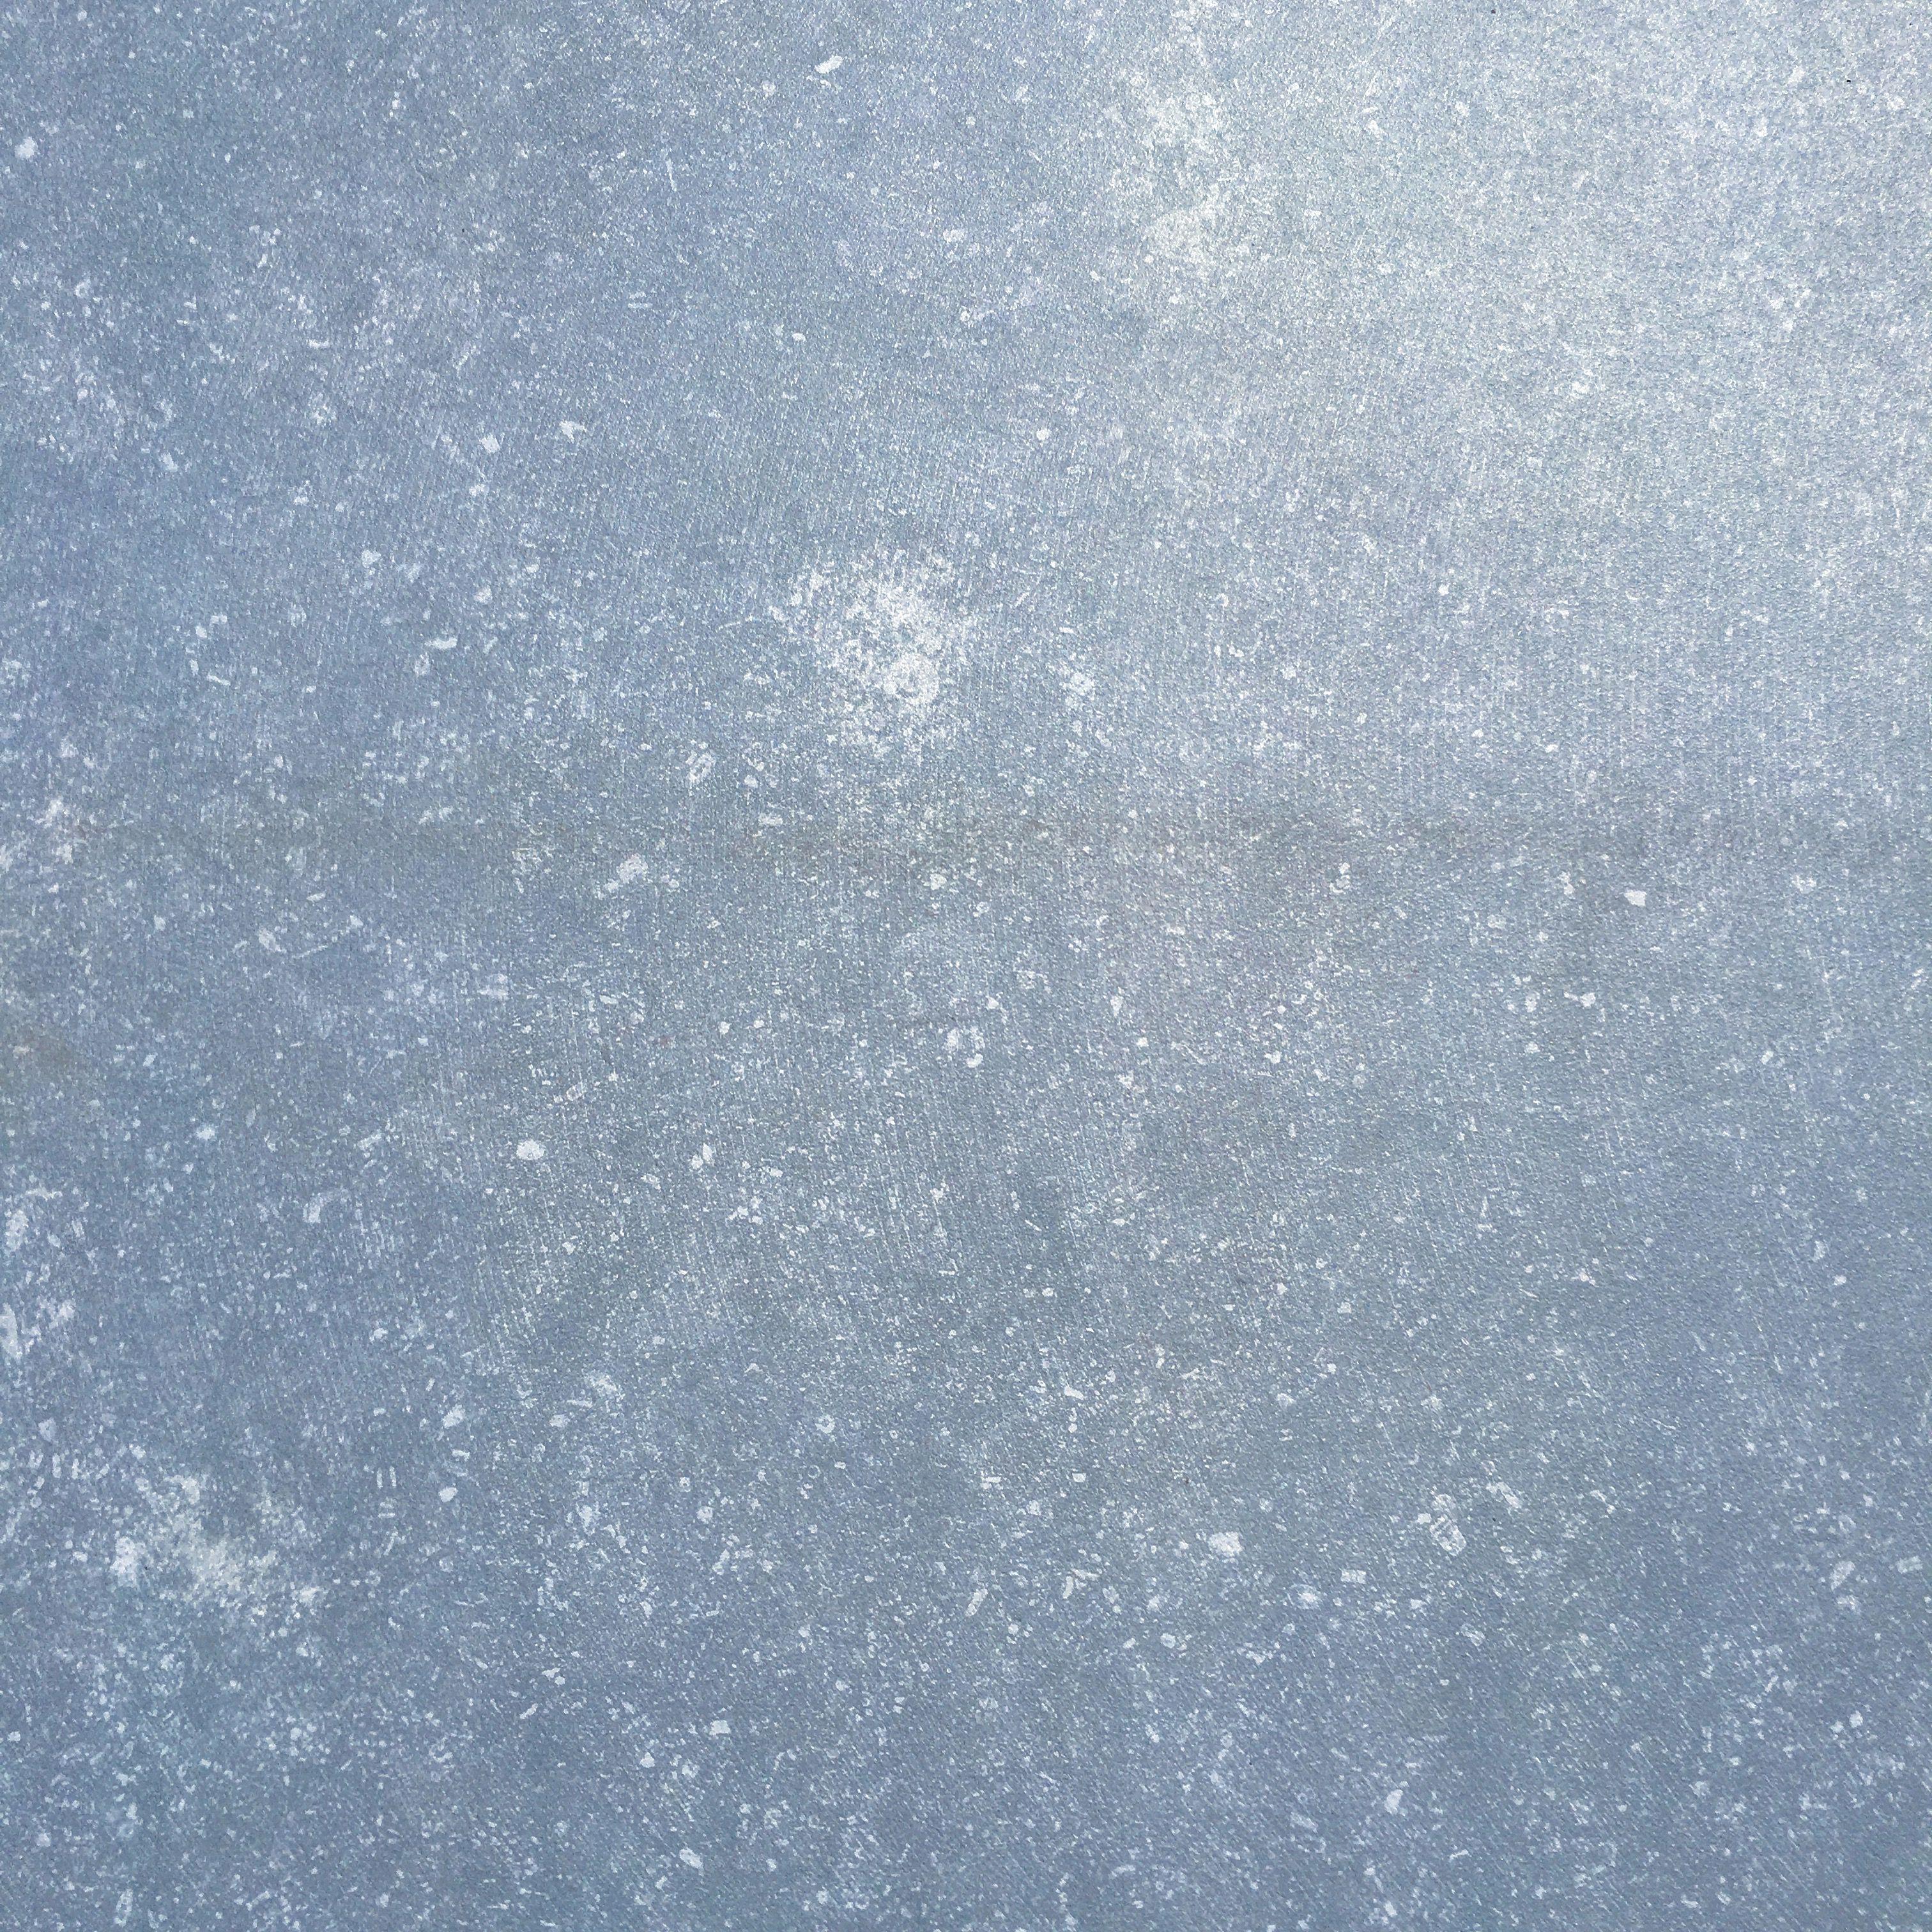 Carrelage Pour Exterieur Pas Cher A La Louviere Dans Le Hainaut Carrelage Imitation Pierre Bleue Belge En 2cm D Epaisseur Chez Neptuno Carrelages A Strepy Brac